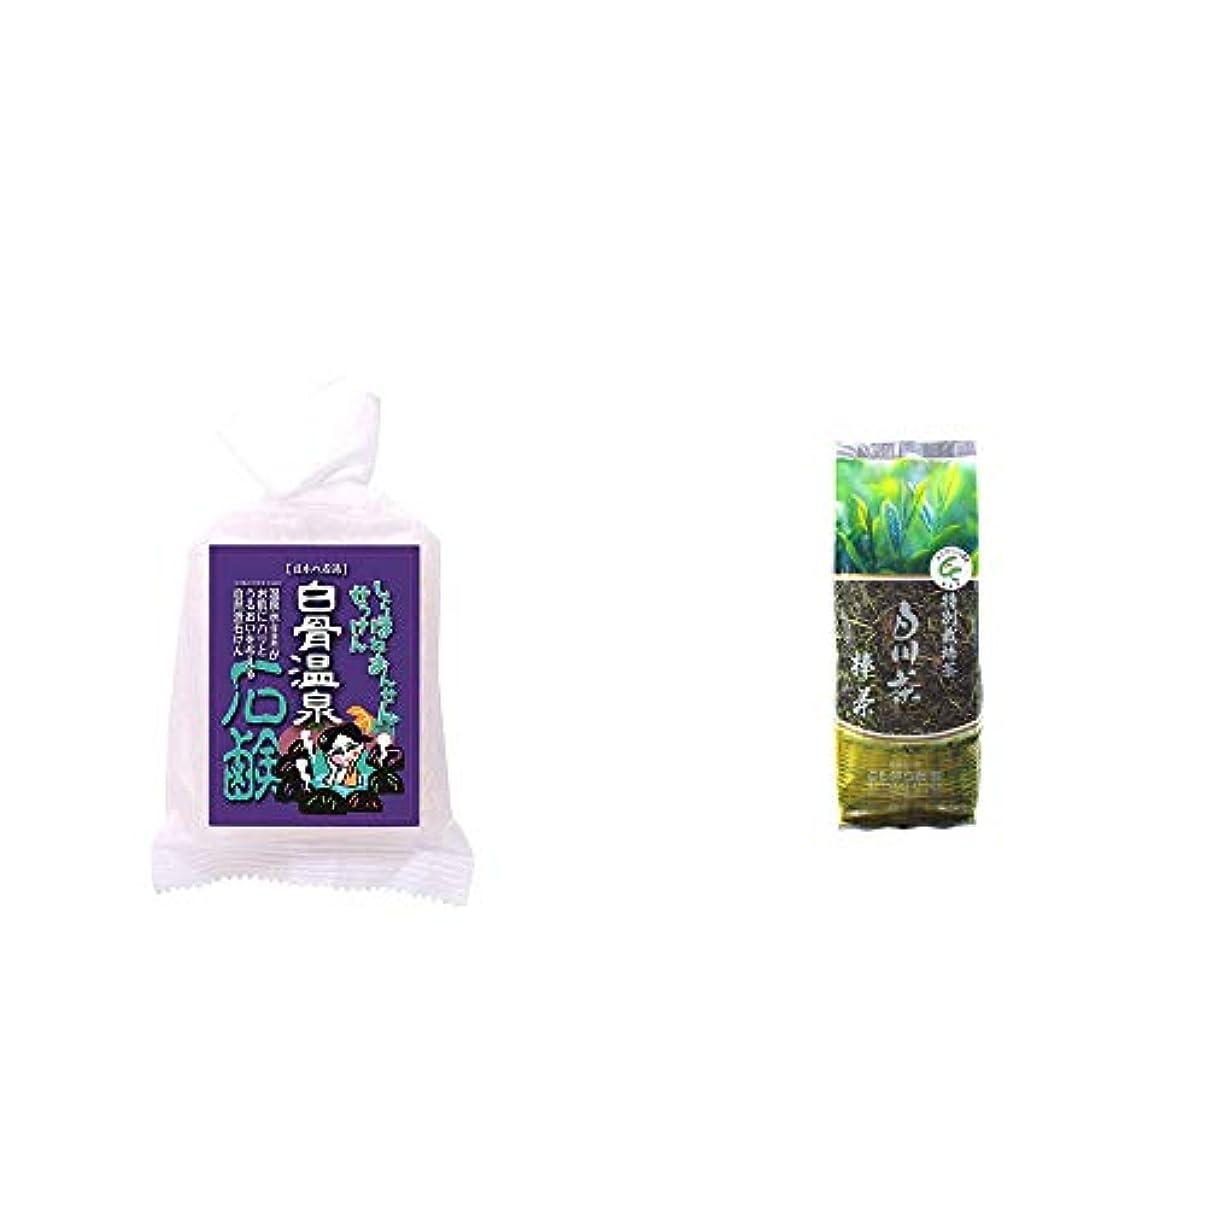 生き物ピザセラー[2点セット] 信州 白骨温泉石鹸(80g)?白川茶 特別栽培茶【棒茶】(150g)